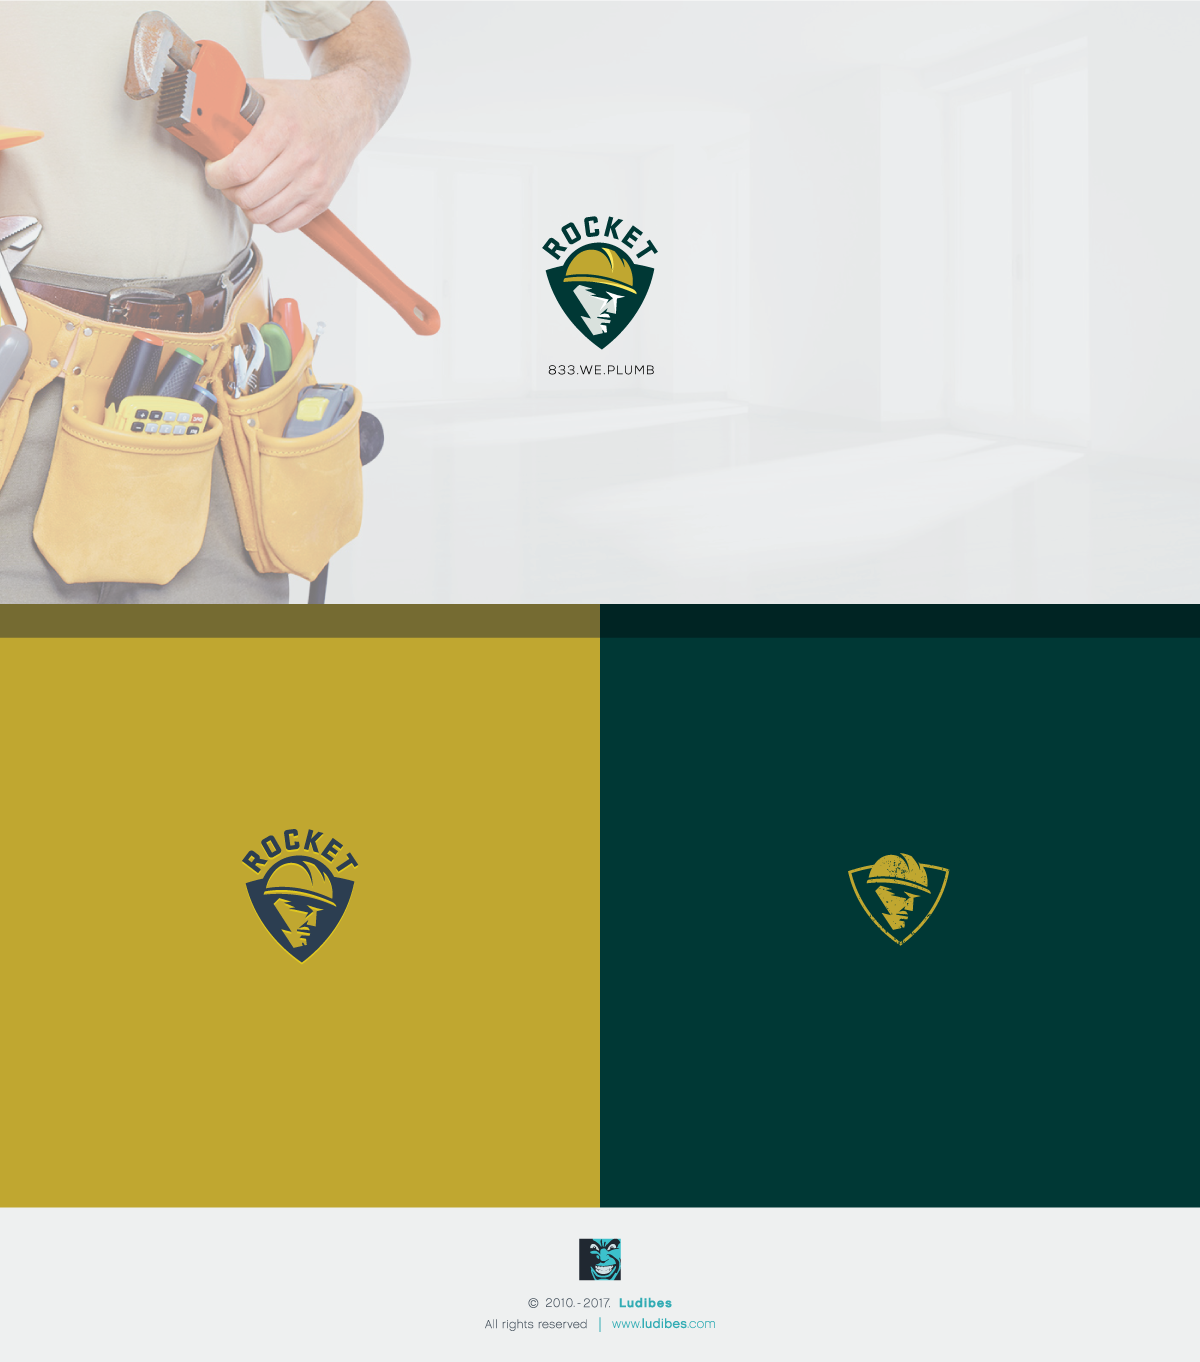 Rocket Plumbing Logo Design